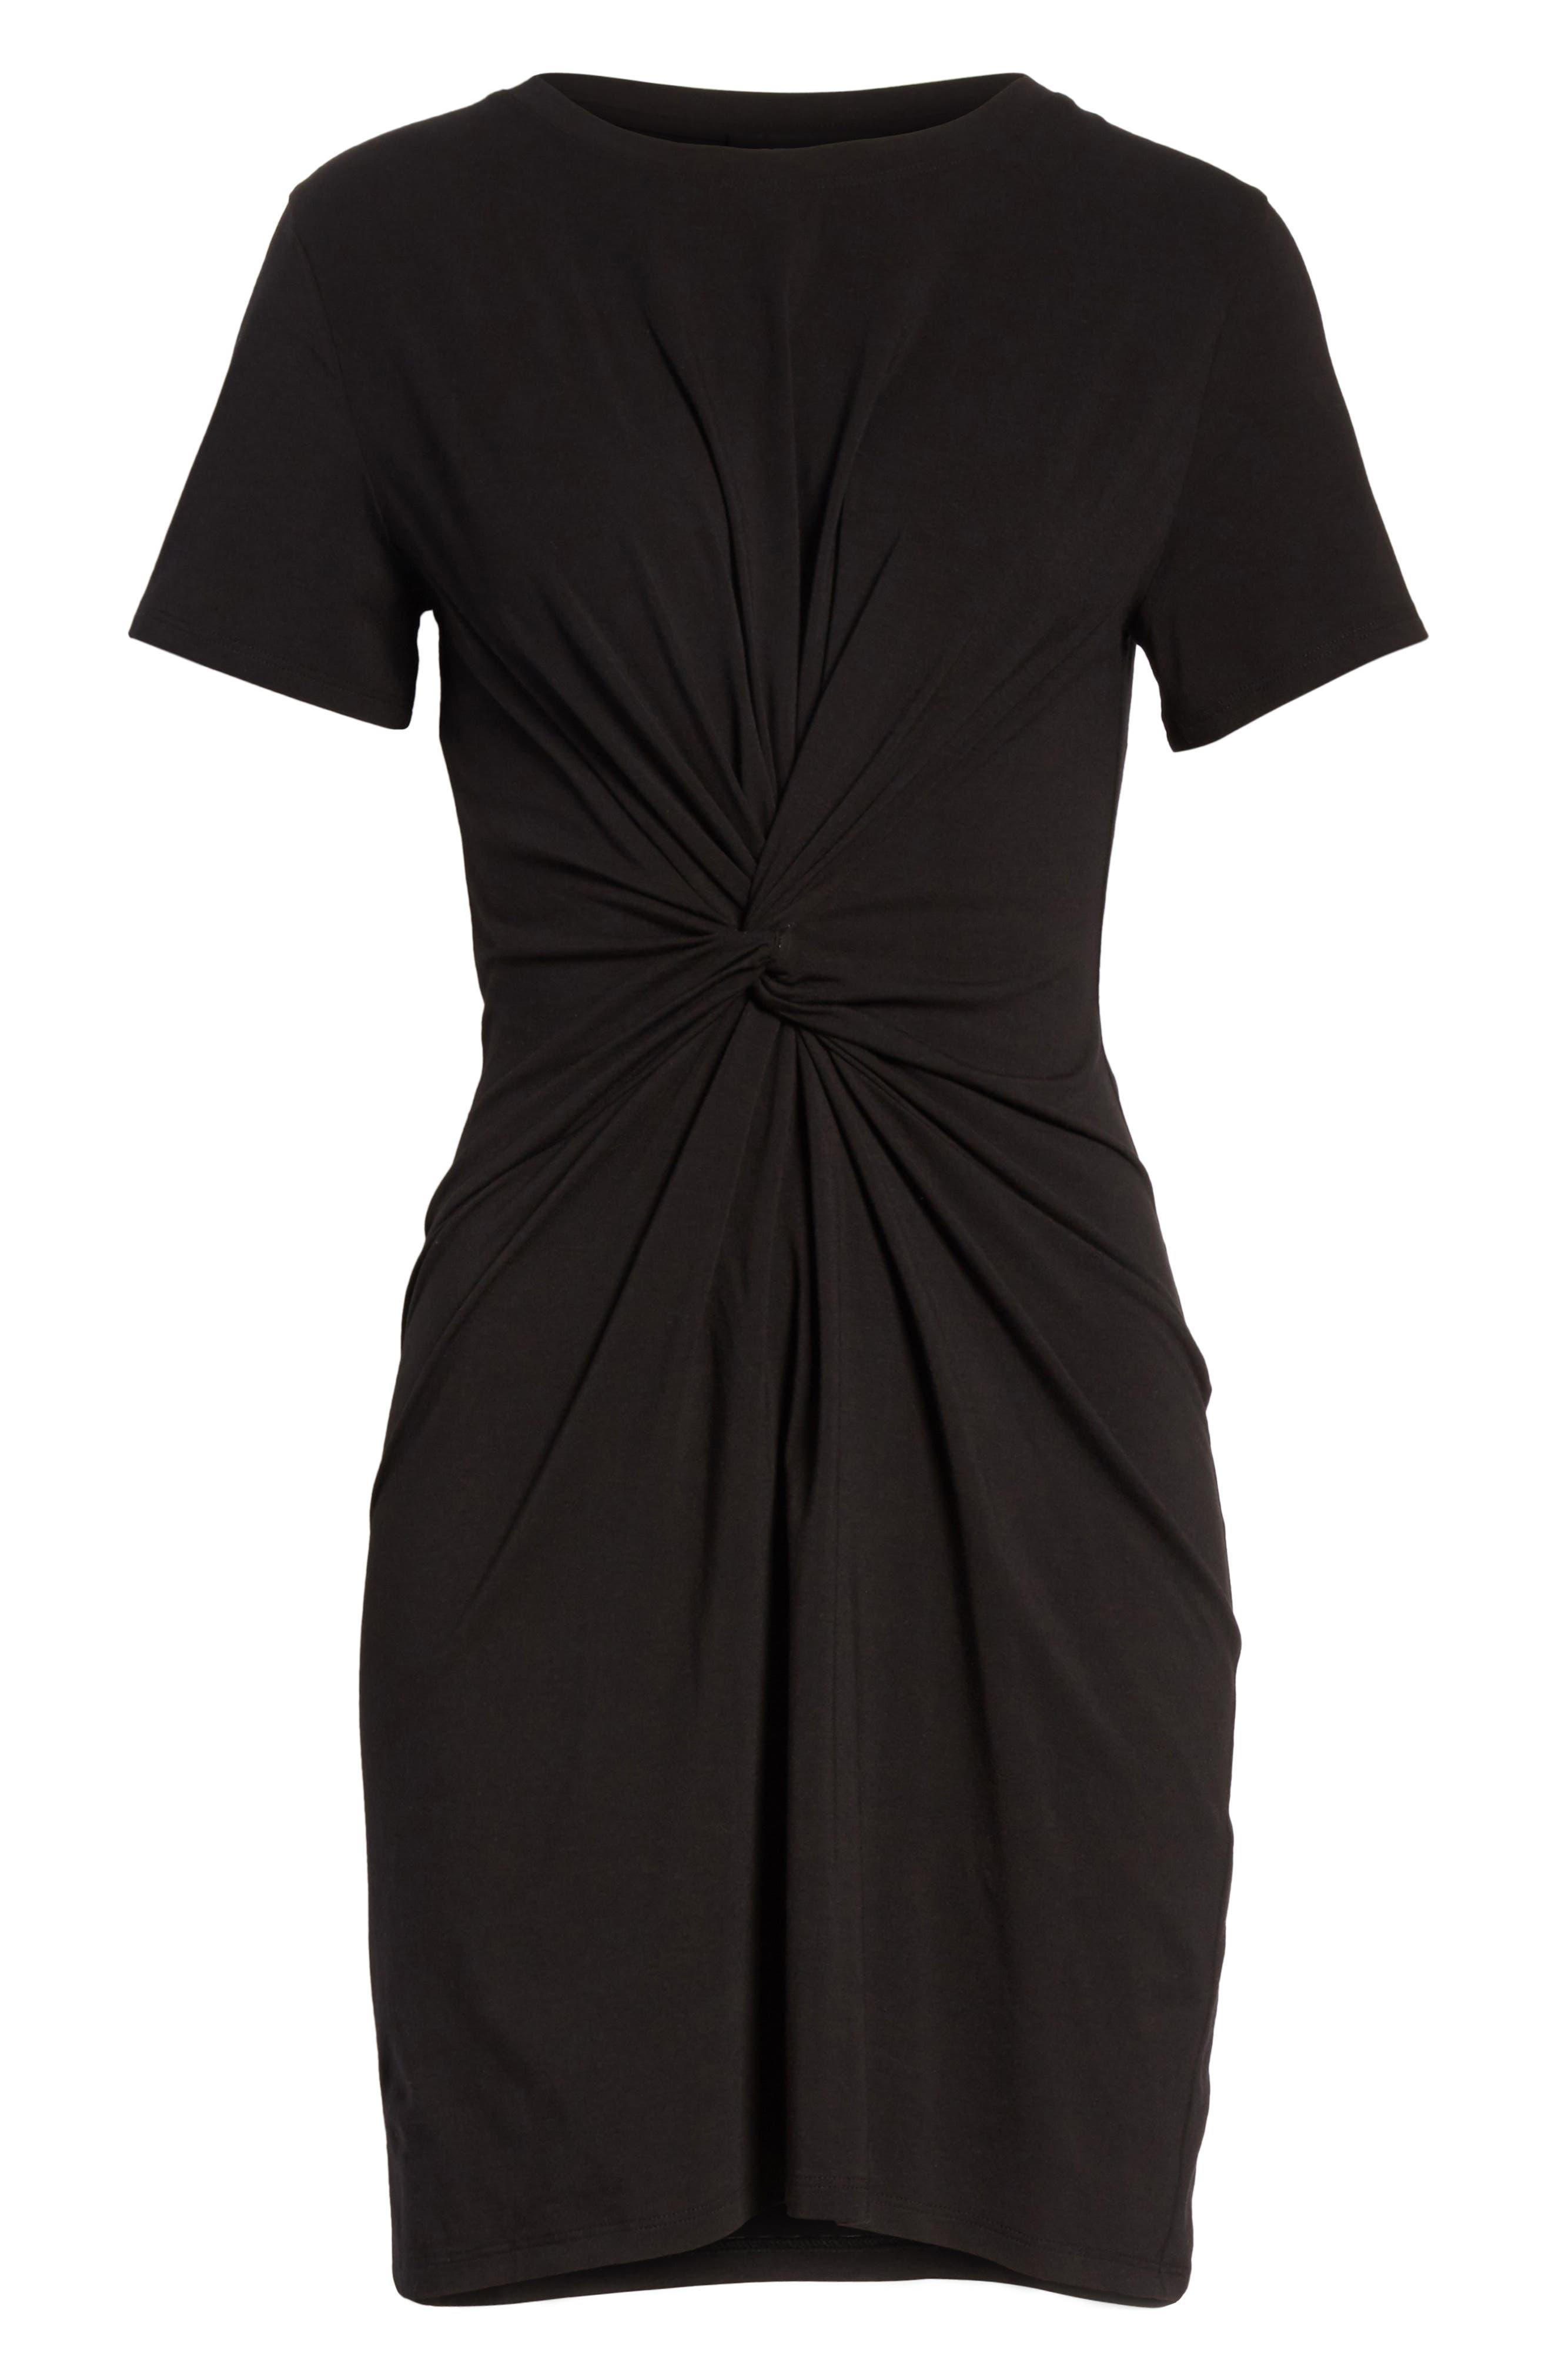 Rubri Knotted T-Shirt Dress,                             Alternate thumbnail 6, color,                             BLACK MULTI